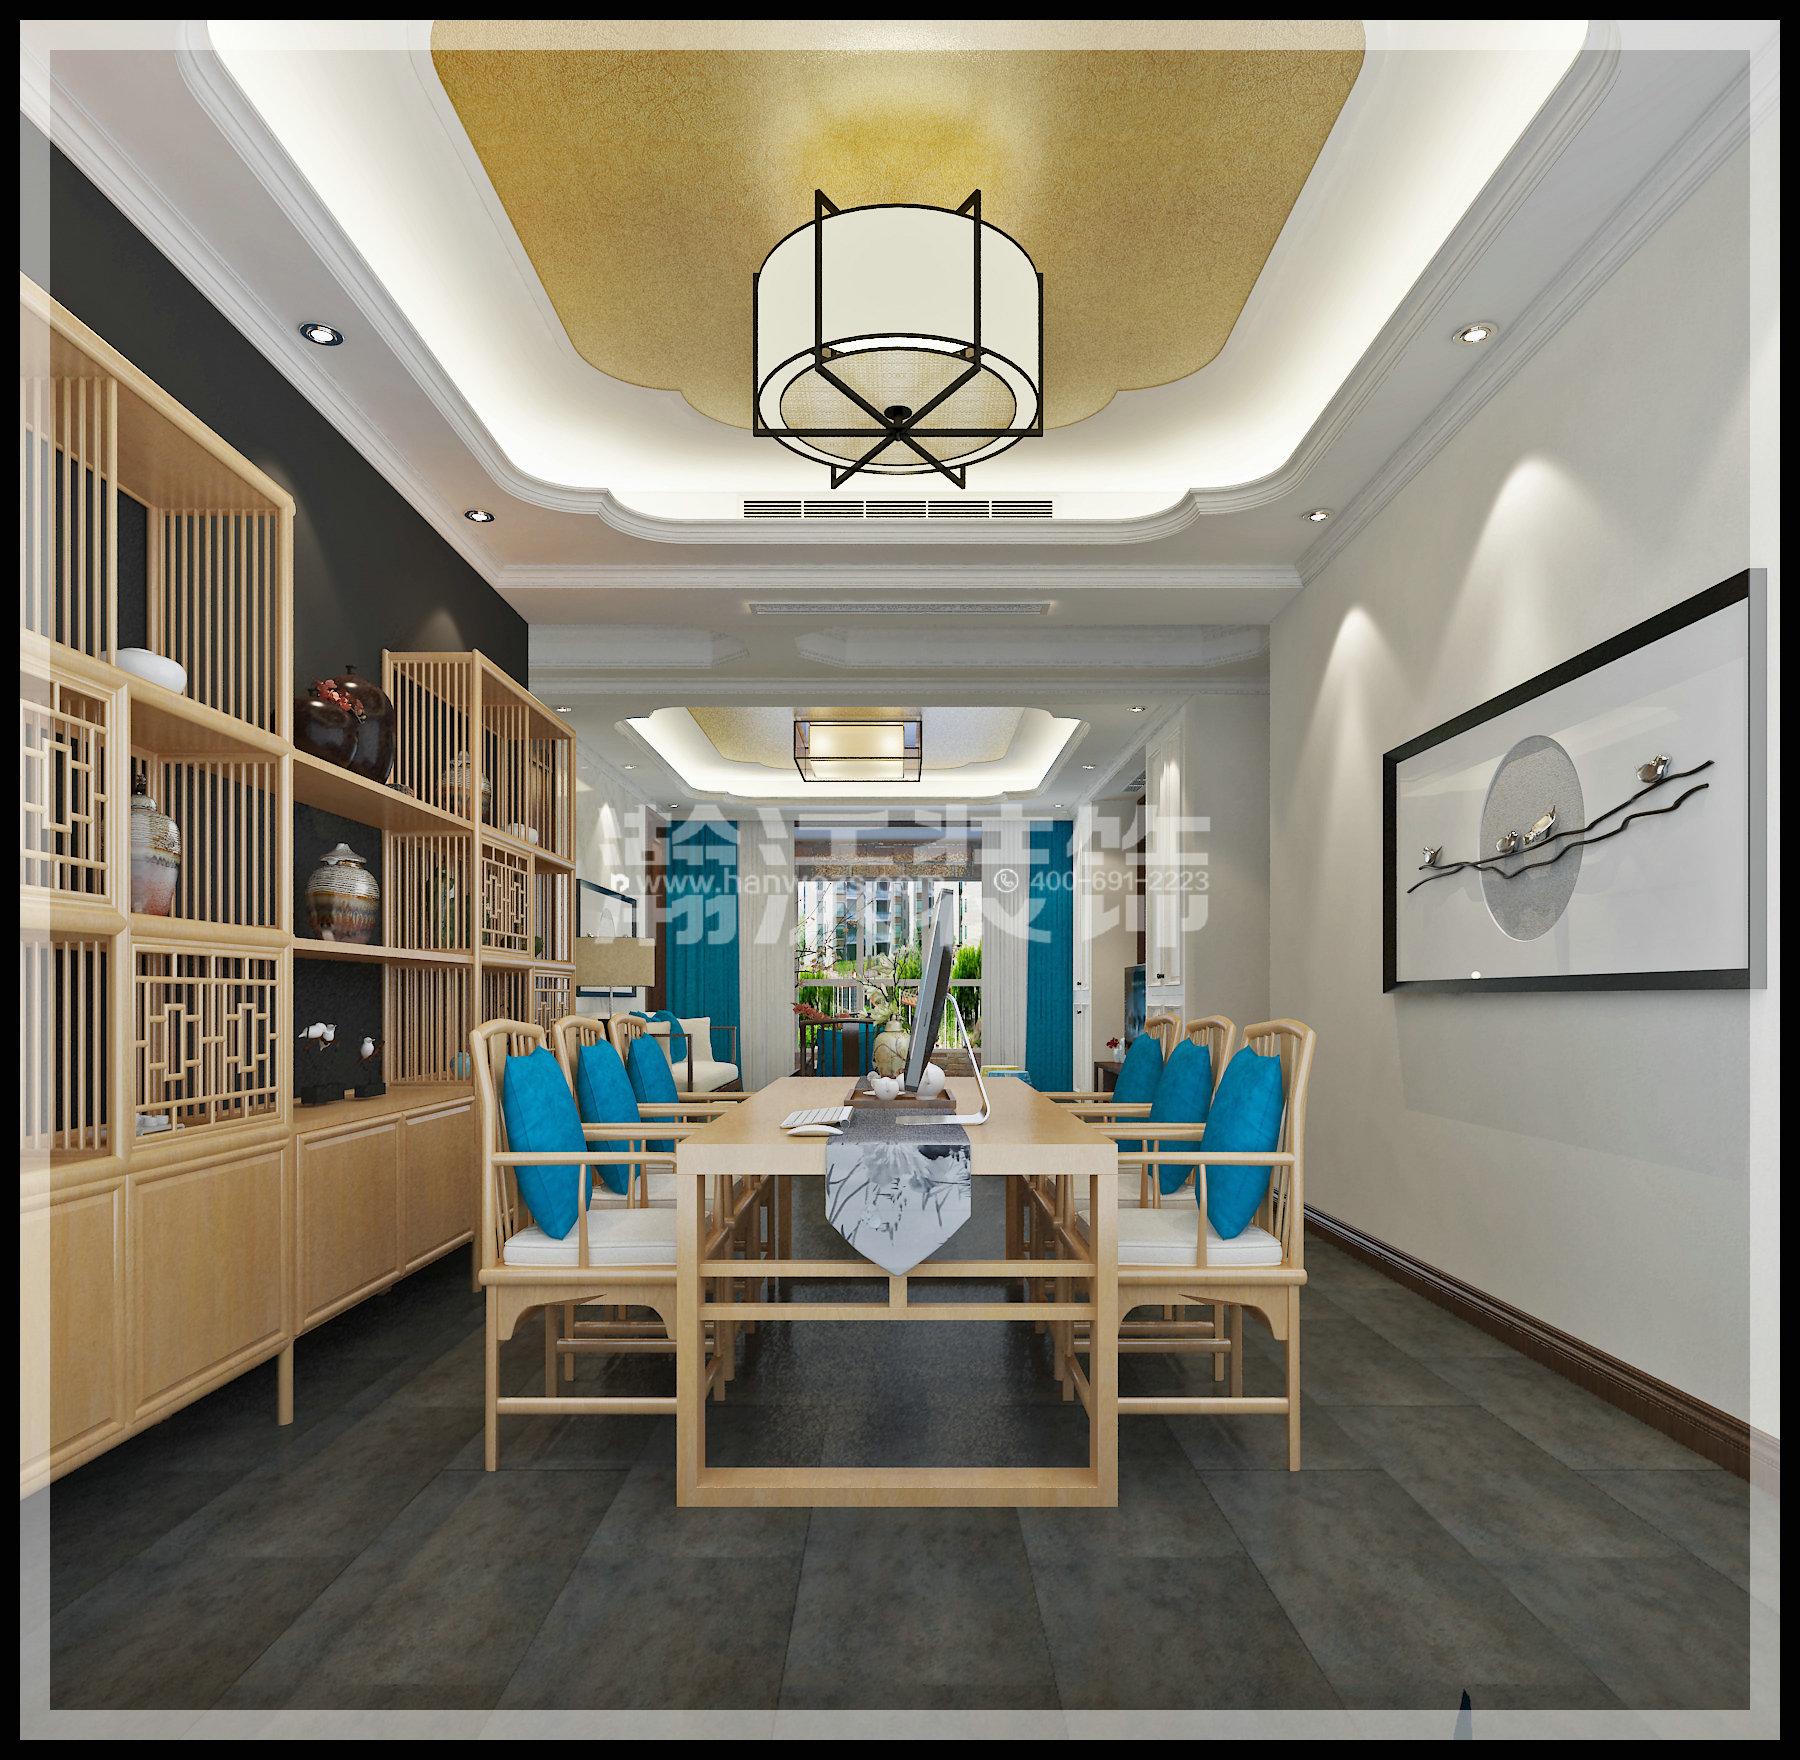 四居 新中式 星河盛世 装修效果图 餐厅图片来自河北瀚沃装饰在星河盛世208㎡四居室新中式效果的分享